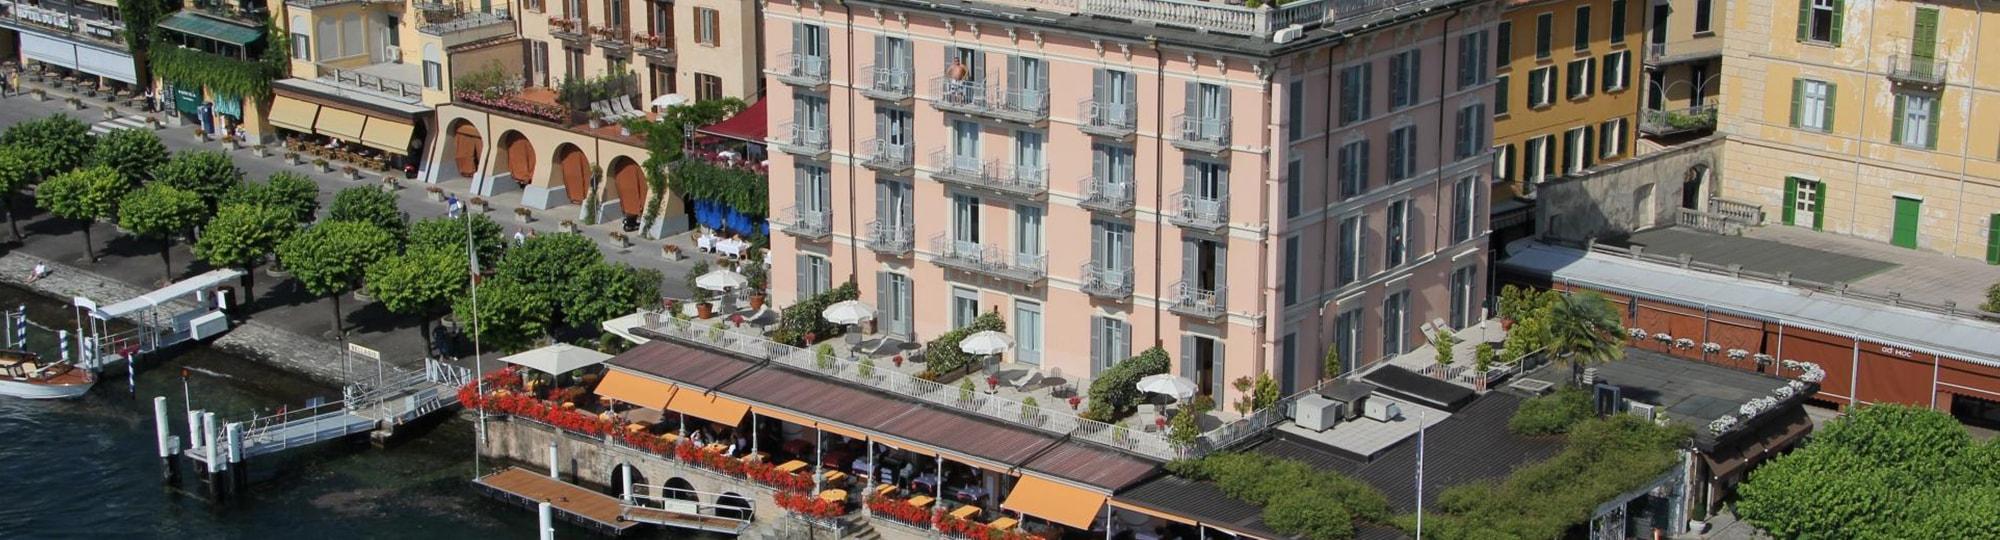 Vue de l'hotel Metropole Suisse 4* à Como